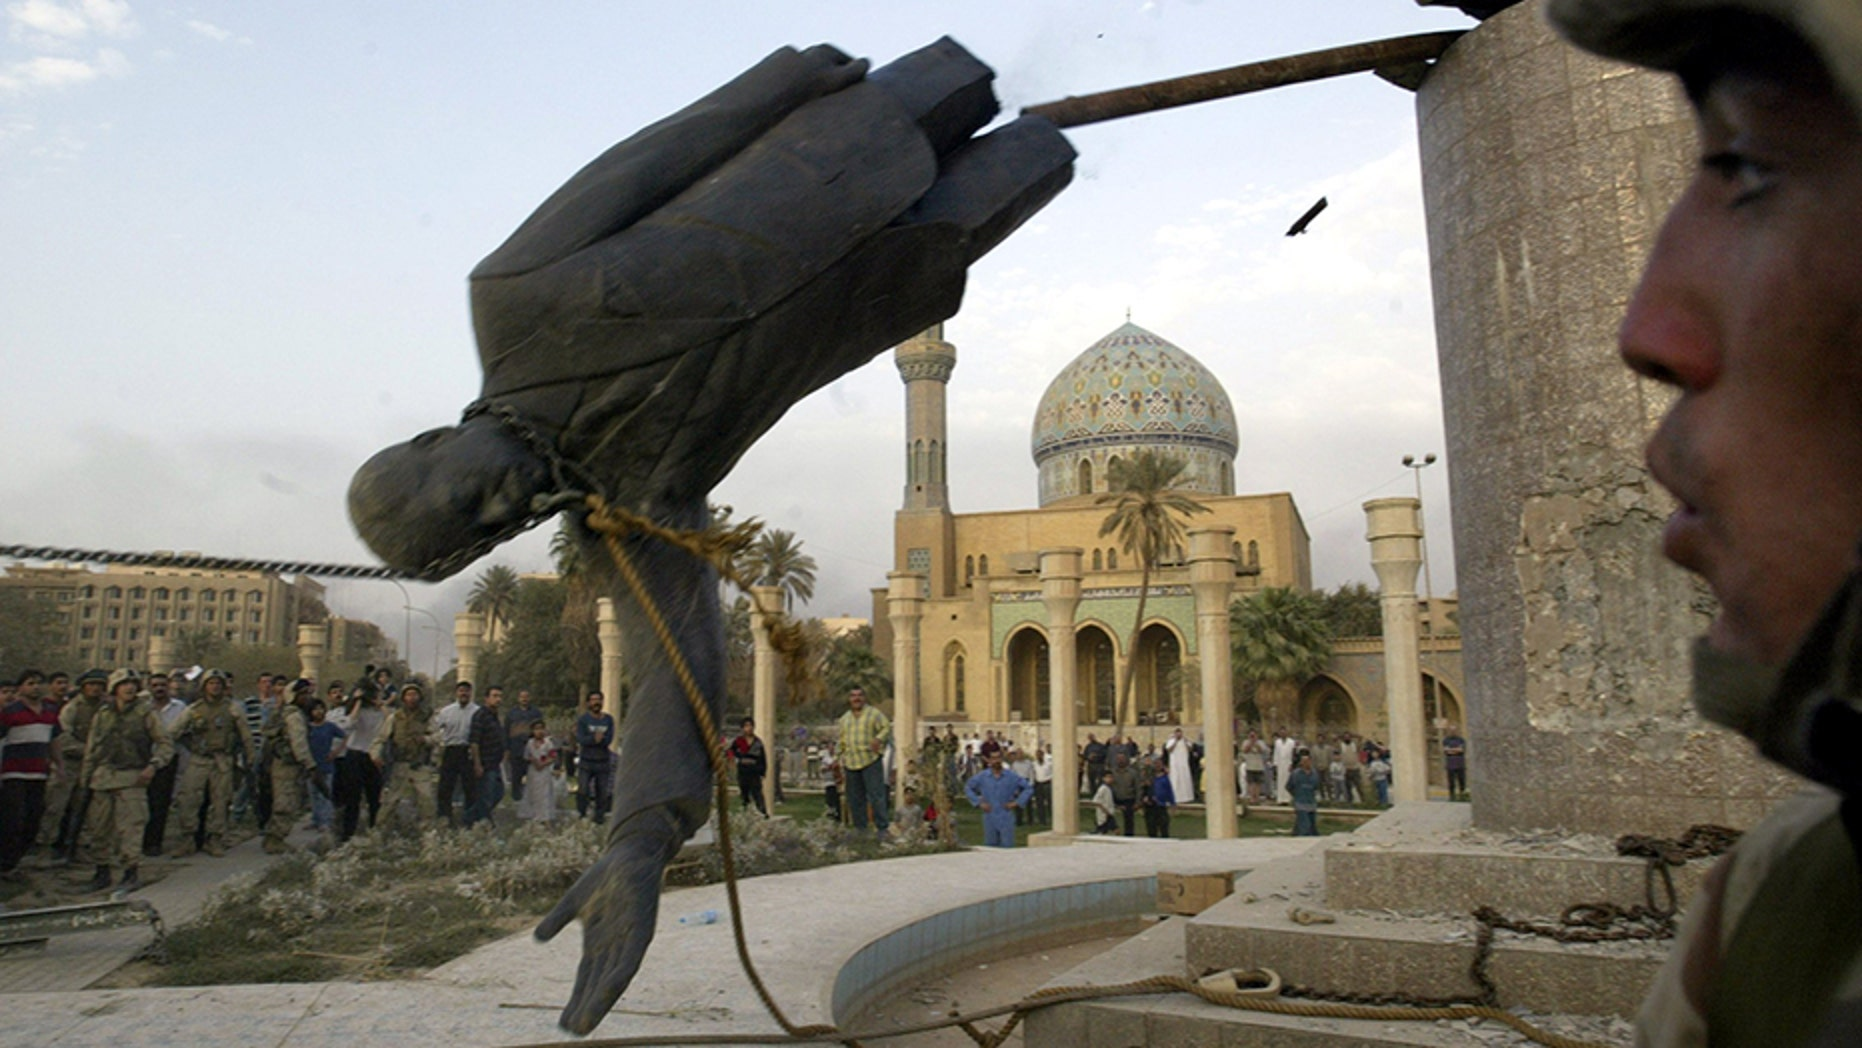 What happened to Saddam's hand? Marine vets seeking statue part they took 15 years ago | Fox News